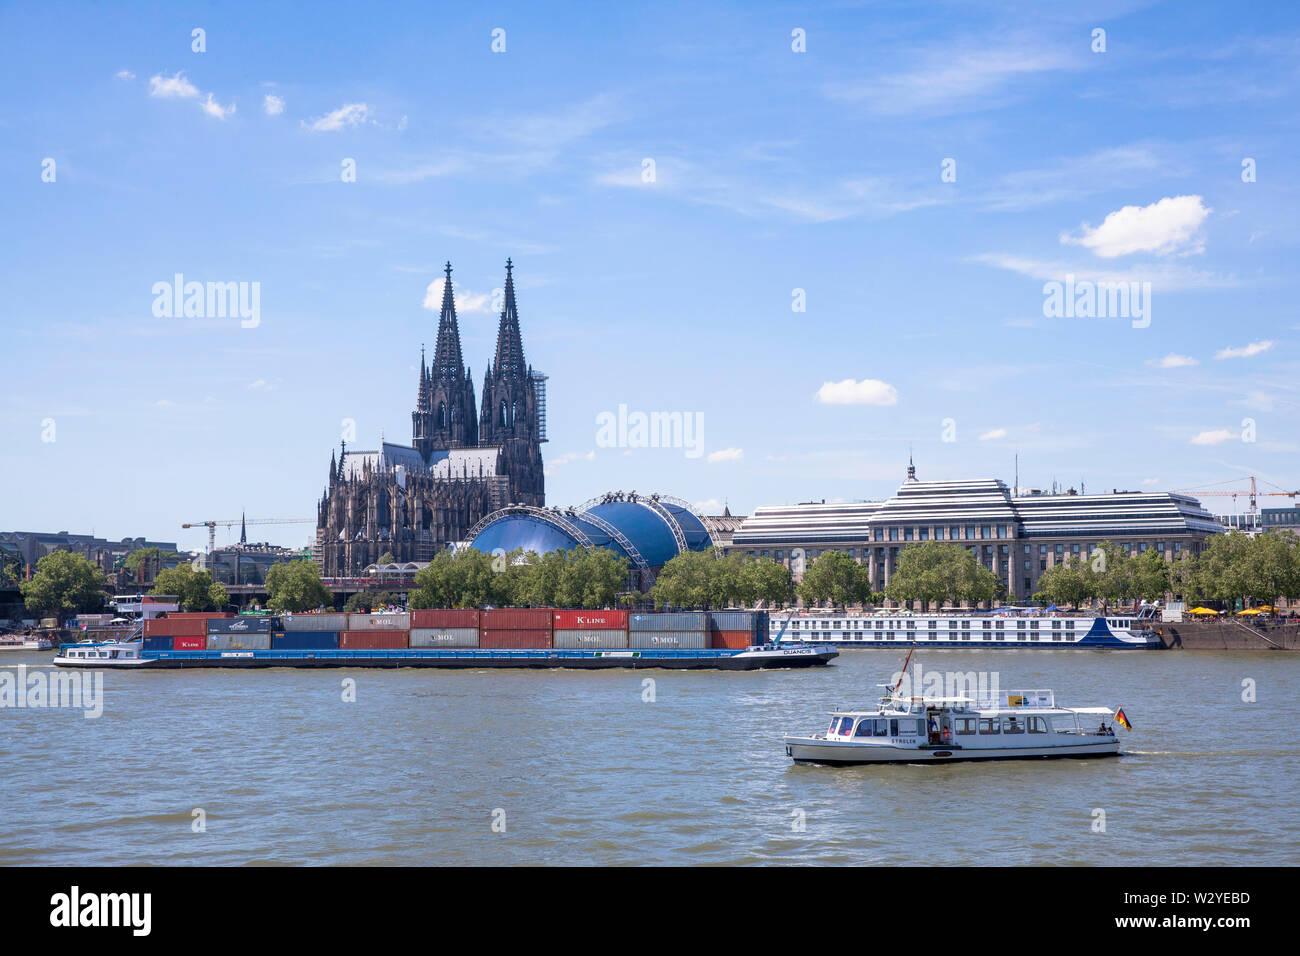 the gothic cathedral, ships on river Rhine, Cologne, Germany.  der Dom, Schiffe auf dem Rhein, Koeln, Deutschland. - Stock Image